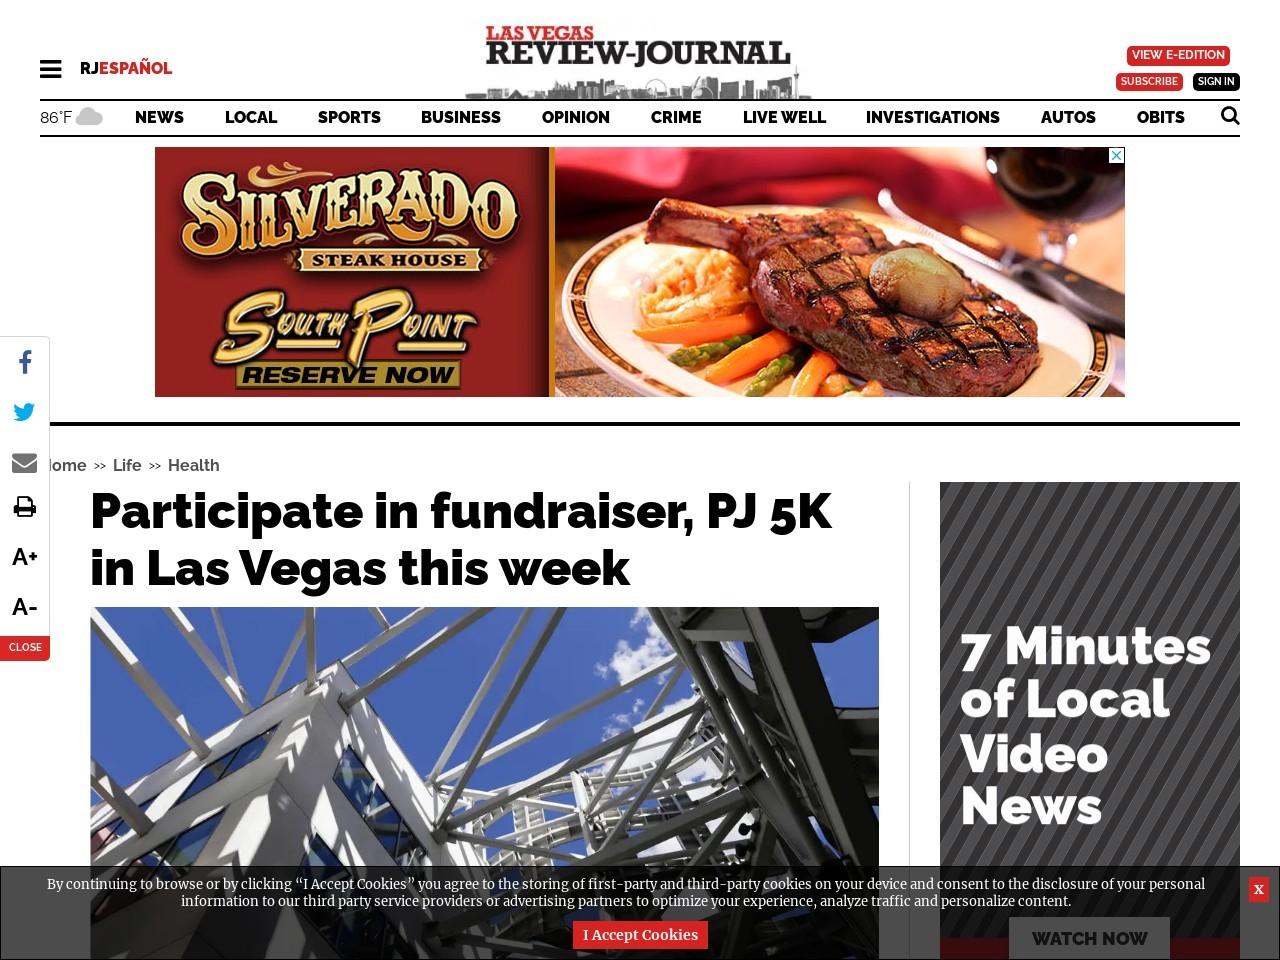 Participate in fundraiser, PJ 5K in Las Vegas this week